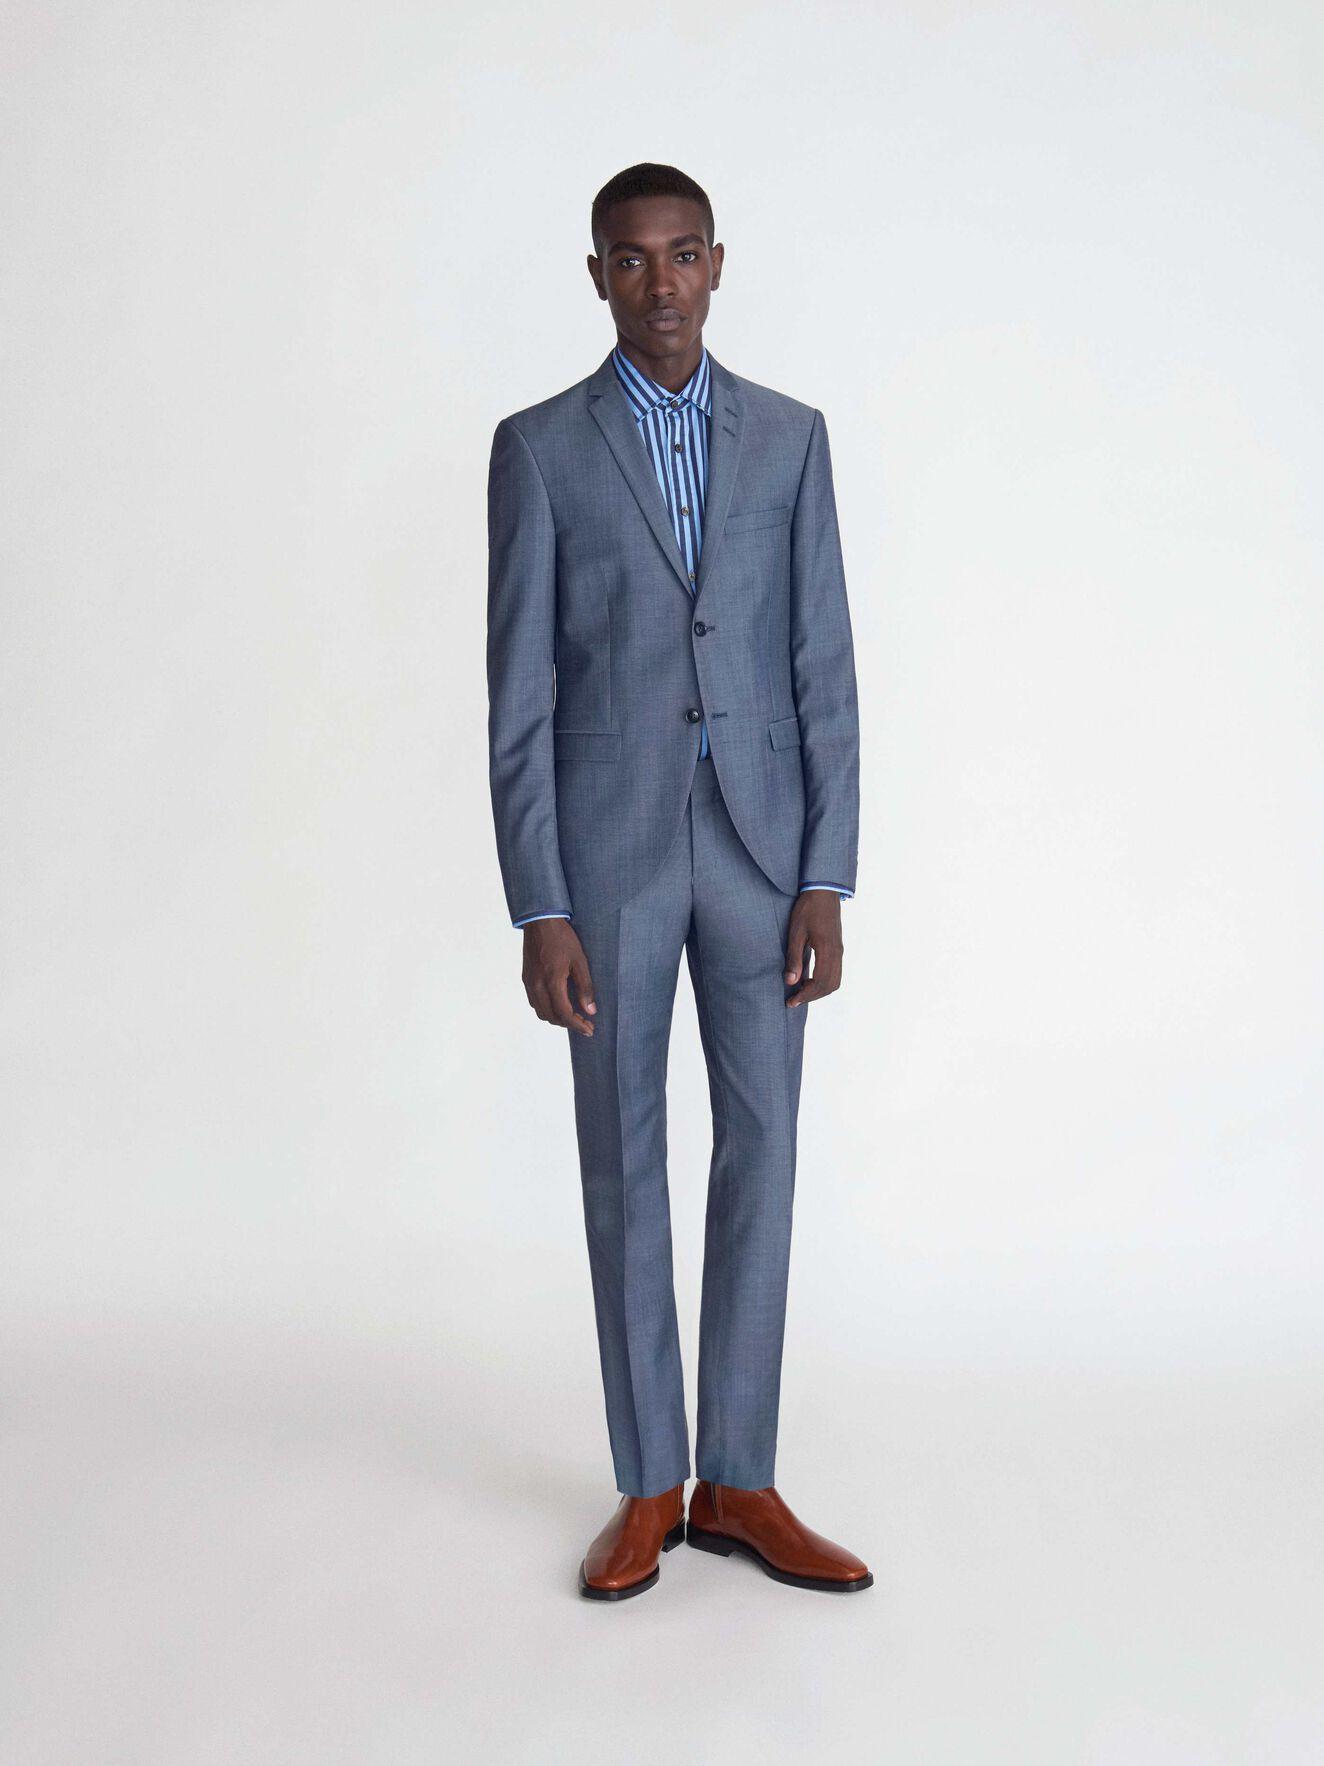 Costumes - Découvrez nos costumes tendance de qualité sur le site ... 99782530c6f